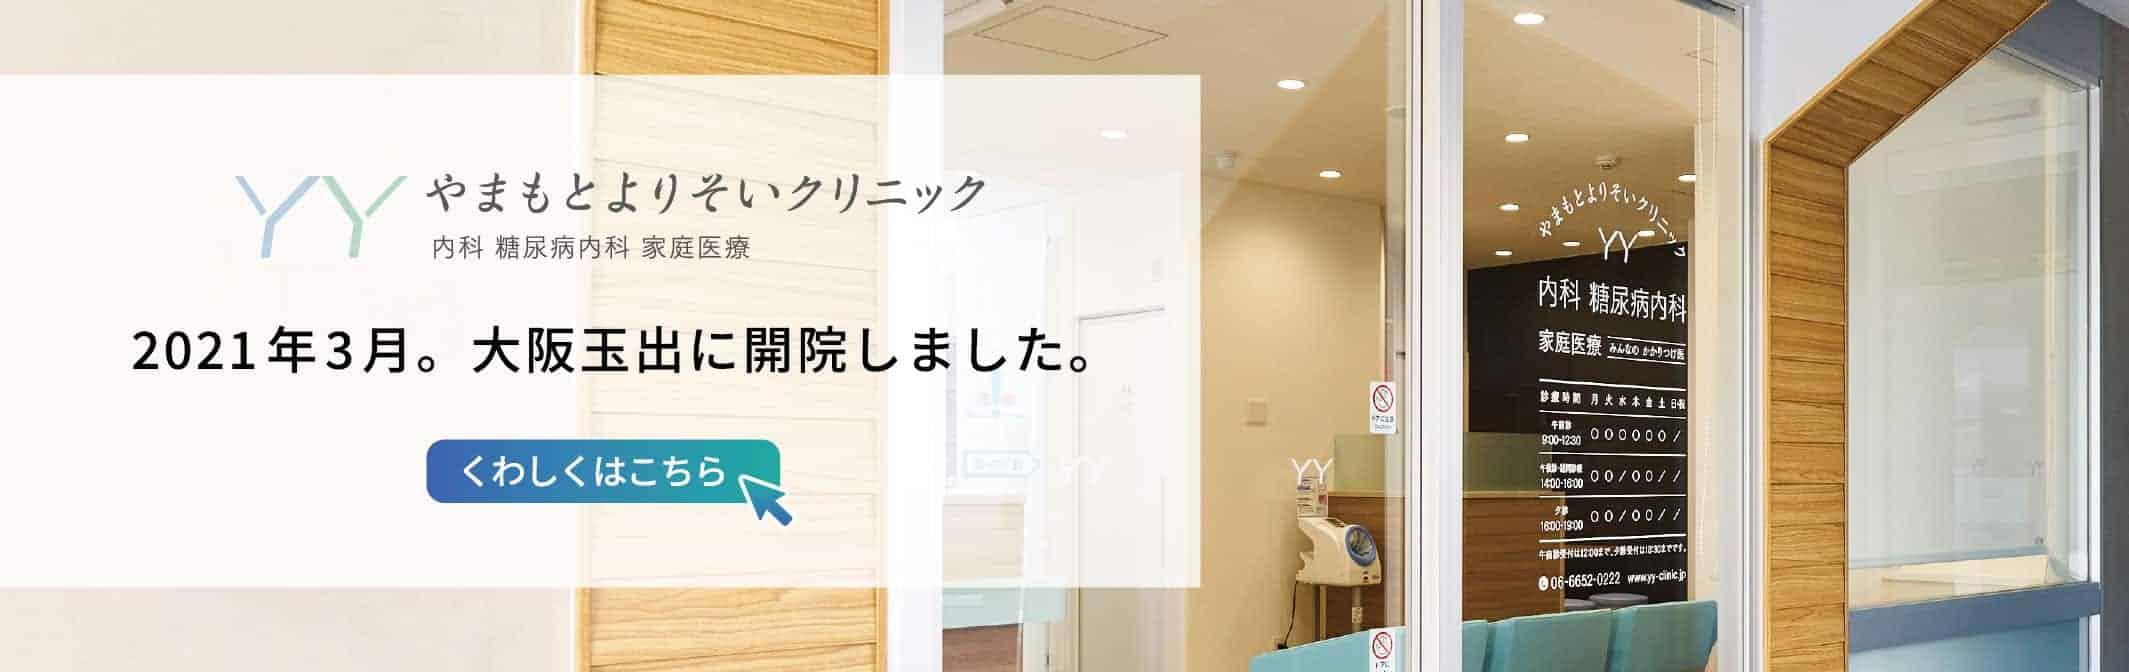 2021年3月。大阪玉出に開院しました。